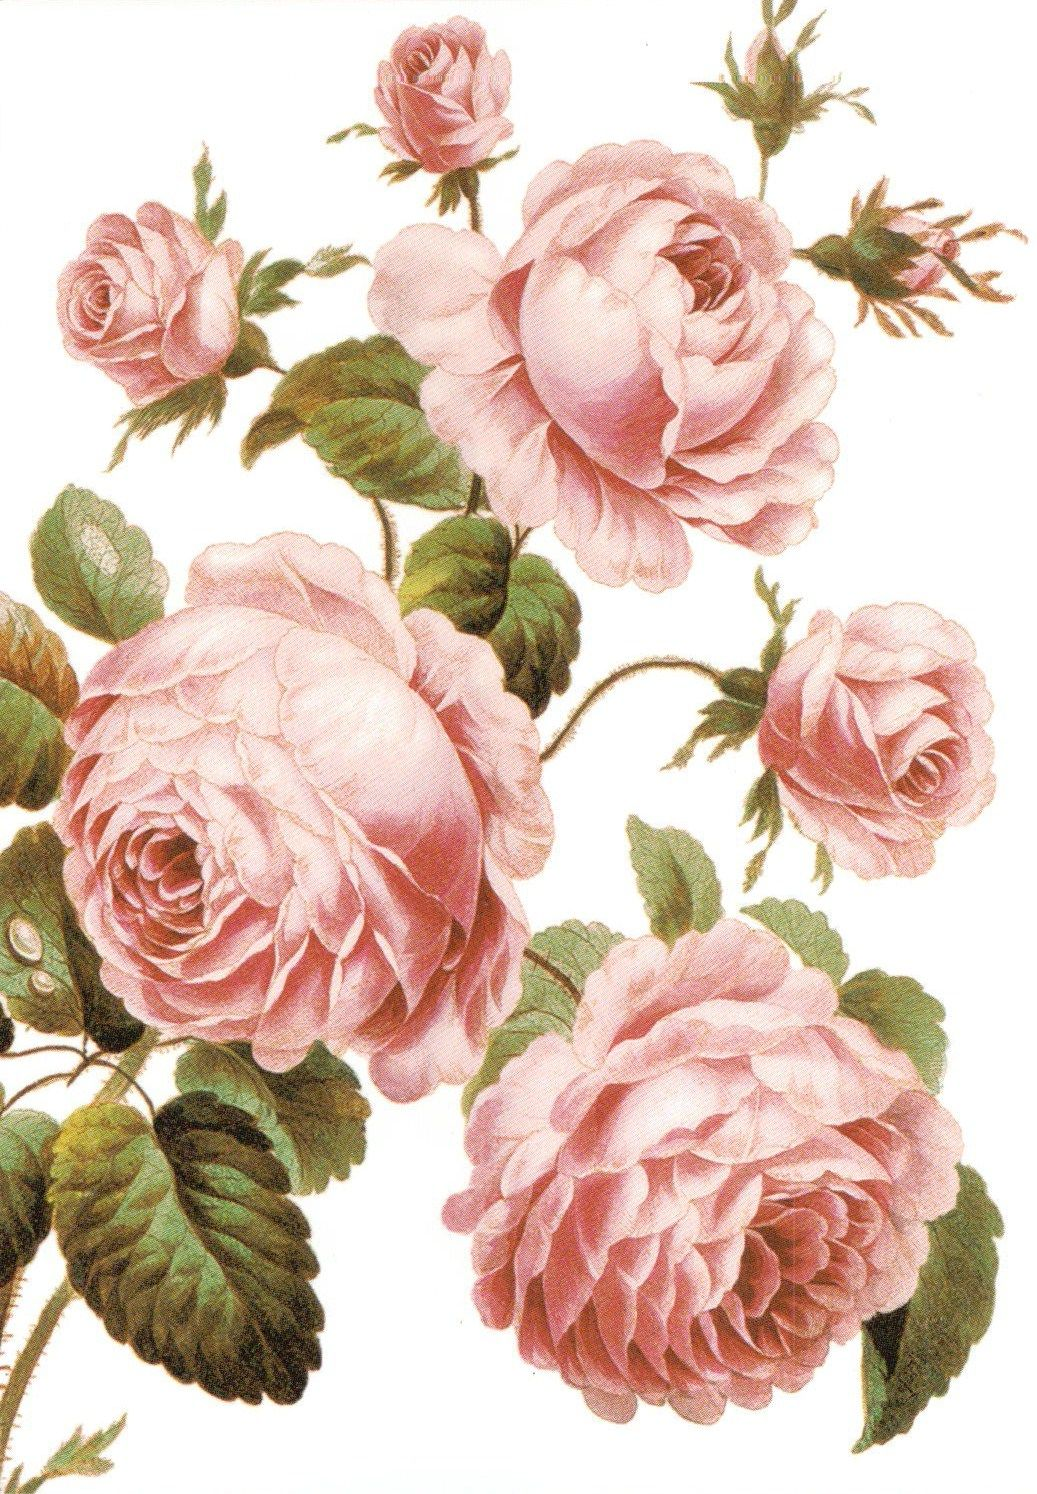 Картинки нарисованных роз для декупажа